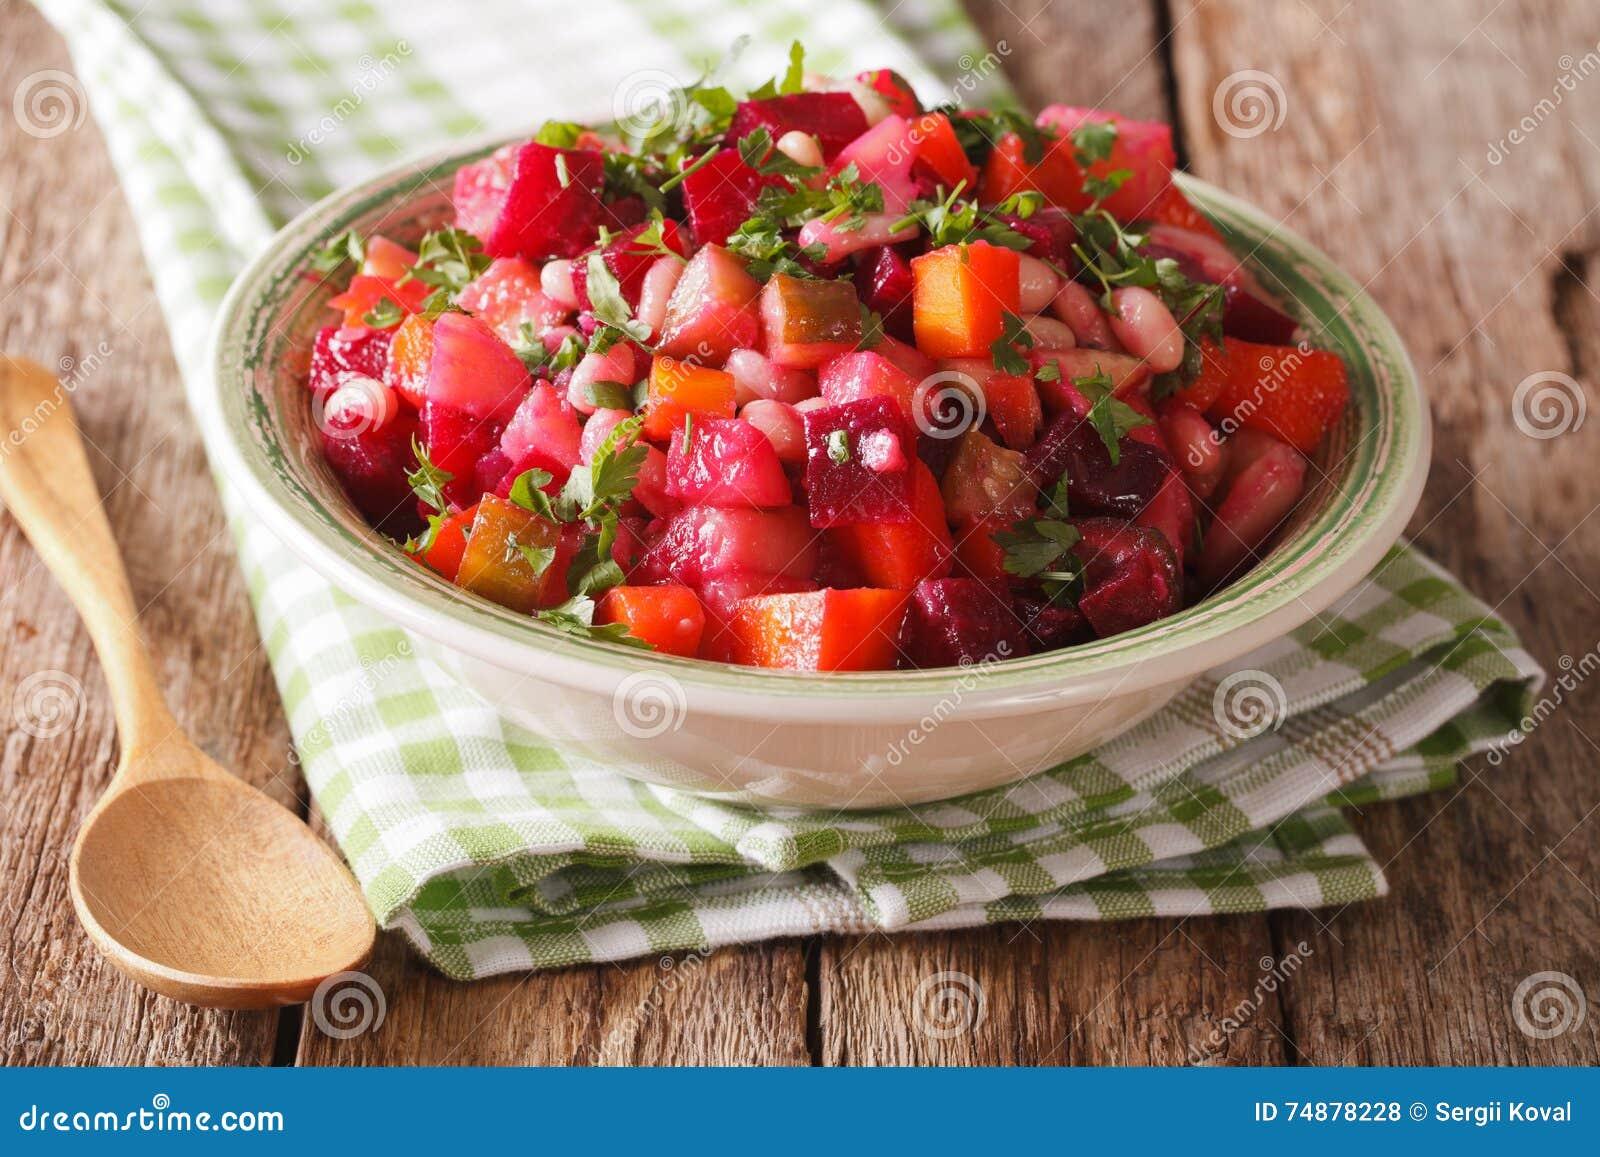 Fin végétale russe faite maison de salade  horizontal